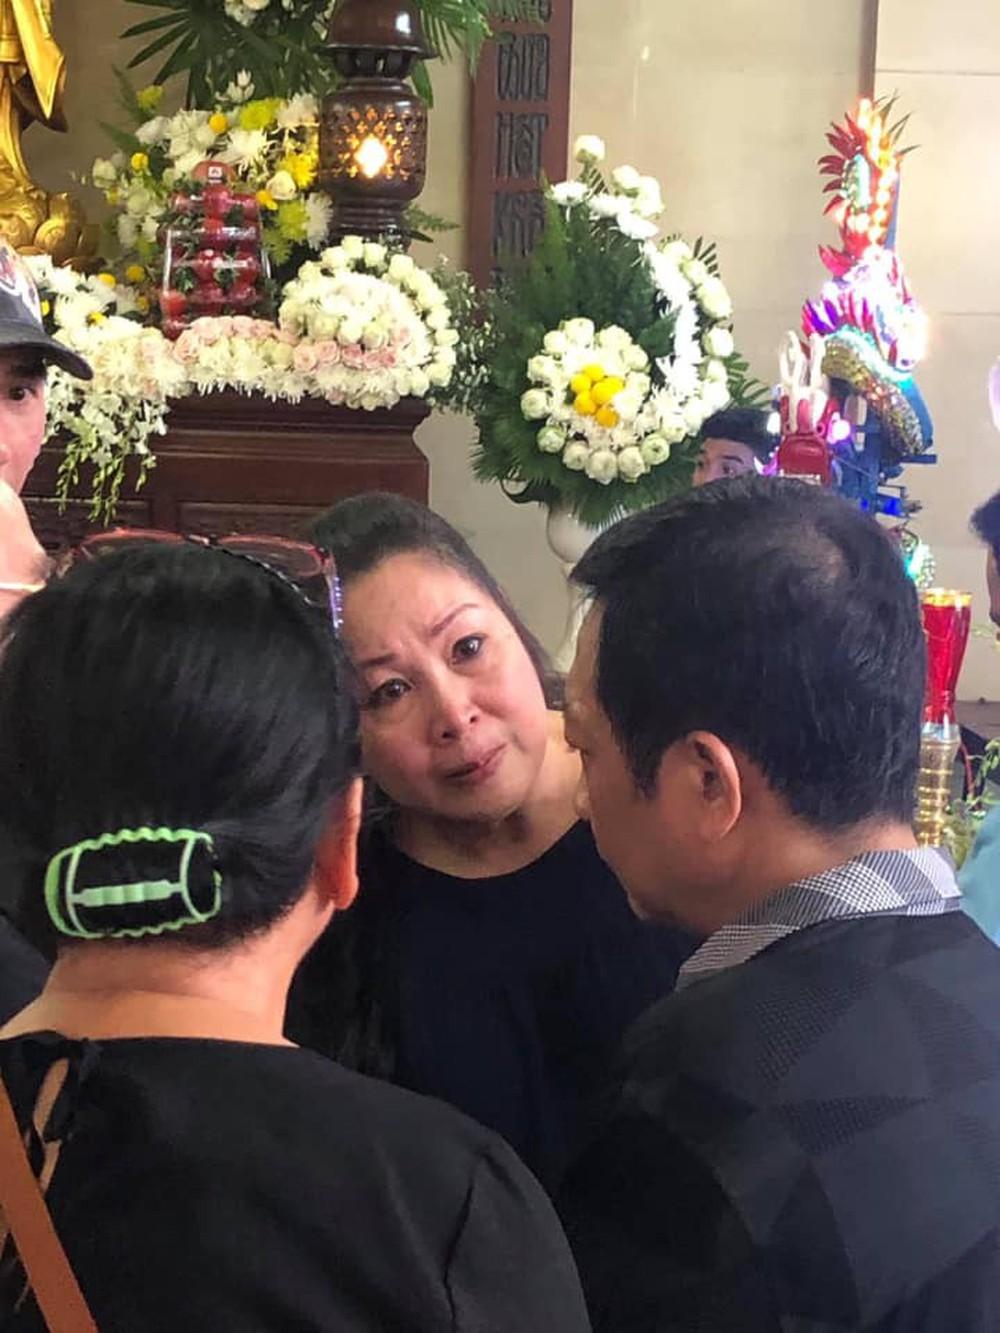 Bố Anh Vũ thất thần, mẹ ngất xỉu vì quá đau đớn, vẫn chưa thể nhìn thấy thi hài con - Ảnh 16.